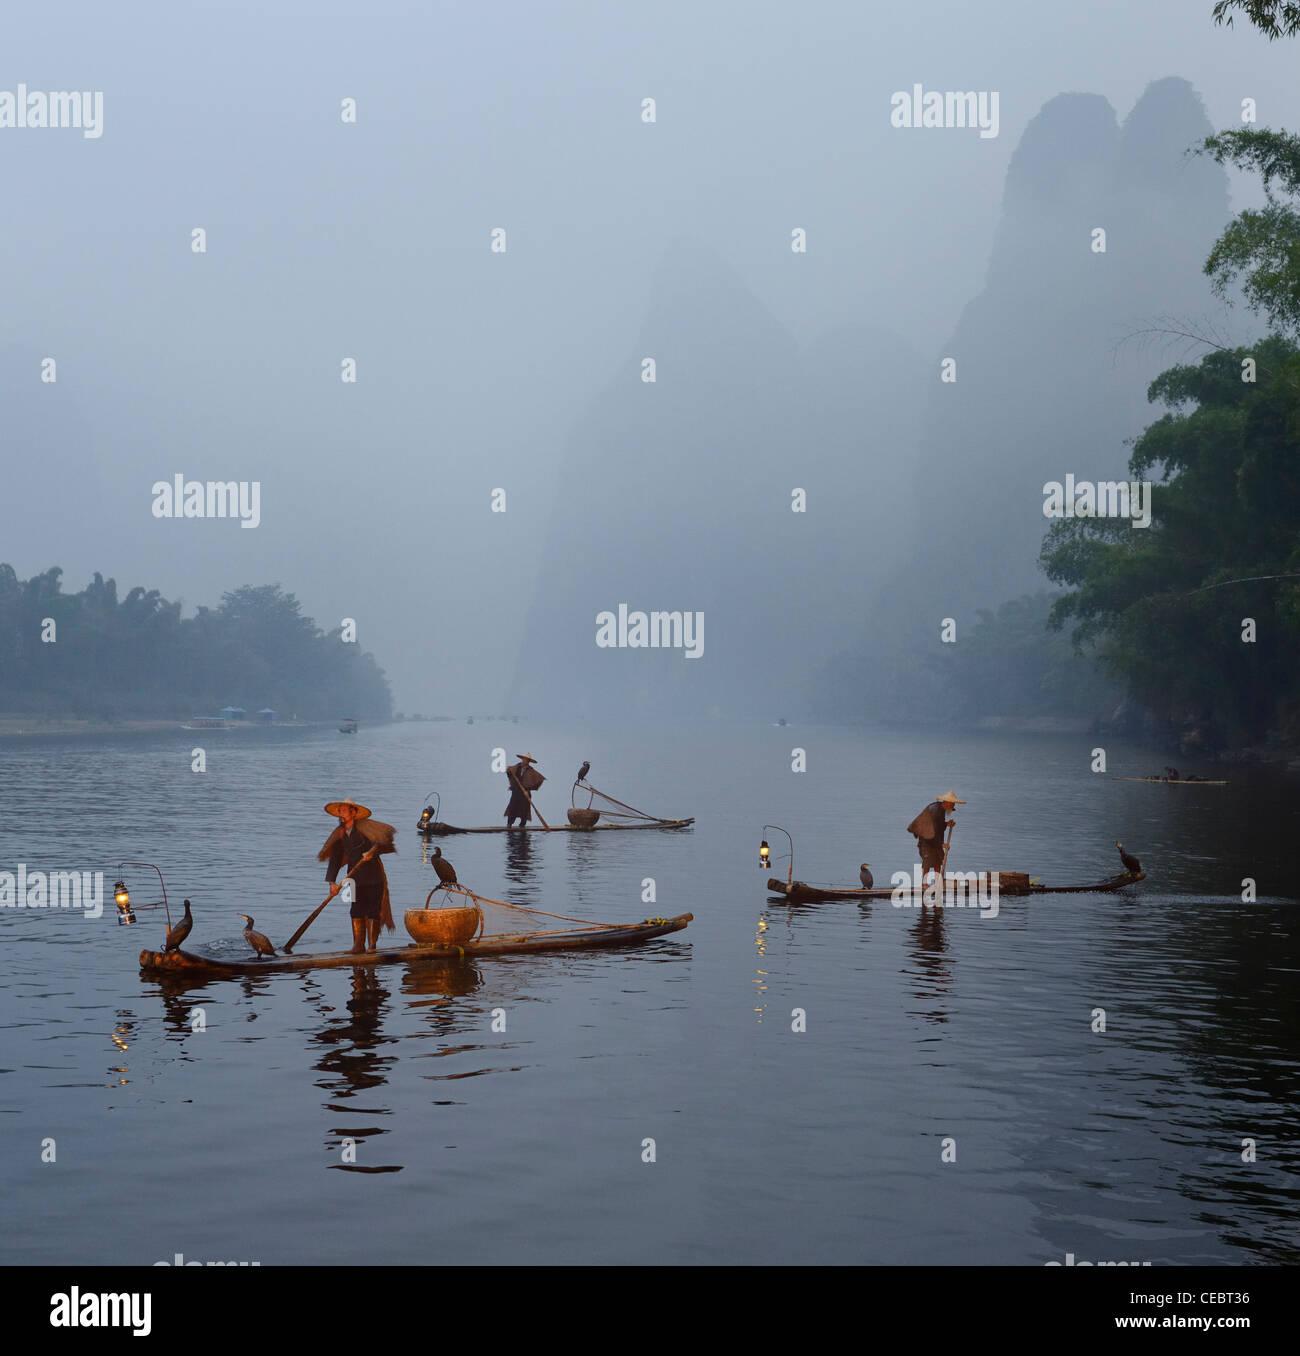 Cormorant fishermen in morning mist on the Li river with Karst mountain peaks Xingpingzhen Yangshuo, Guilin, Guangxi China Stock Photo